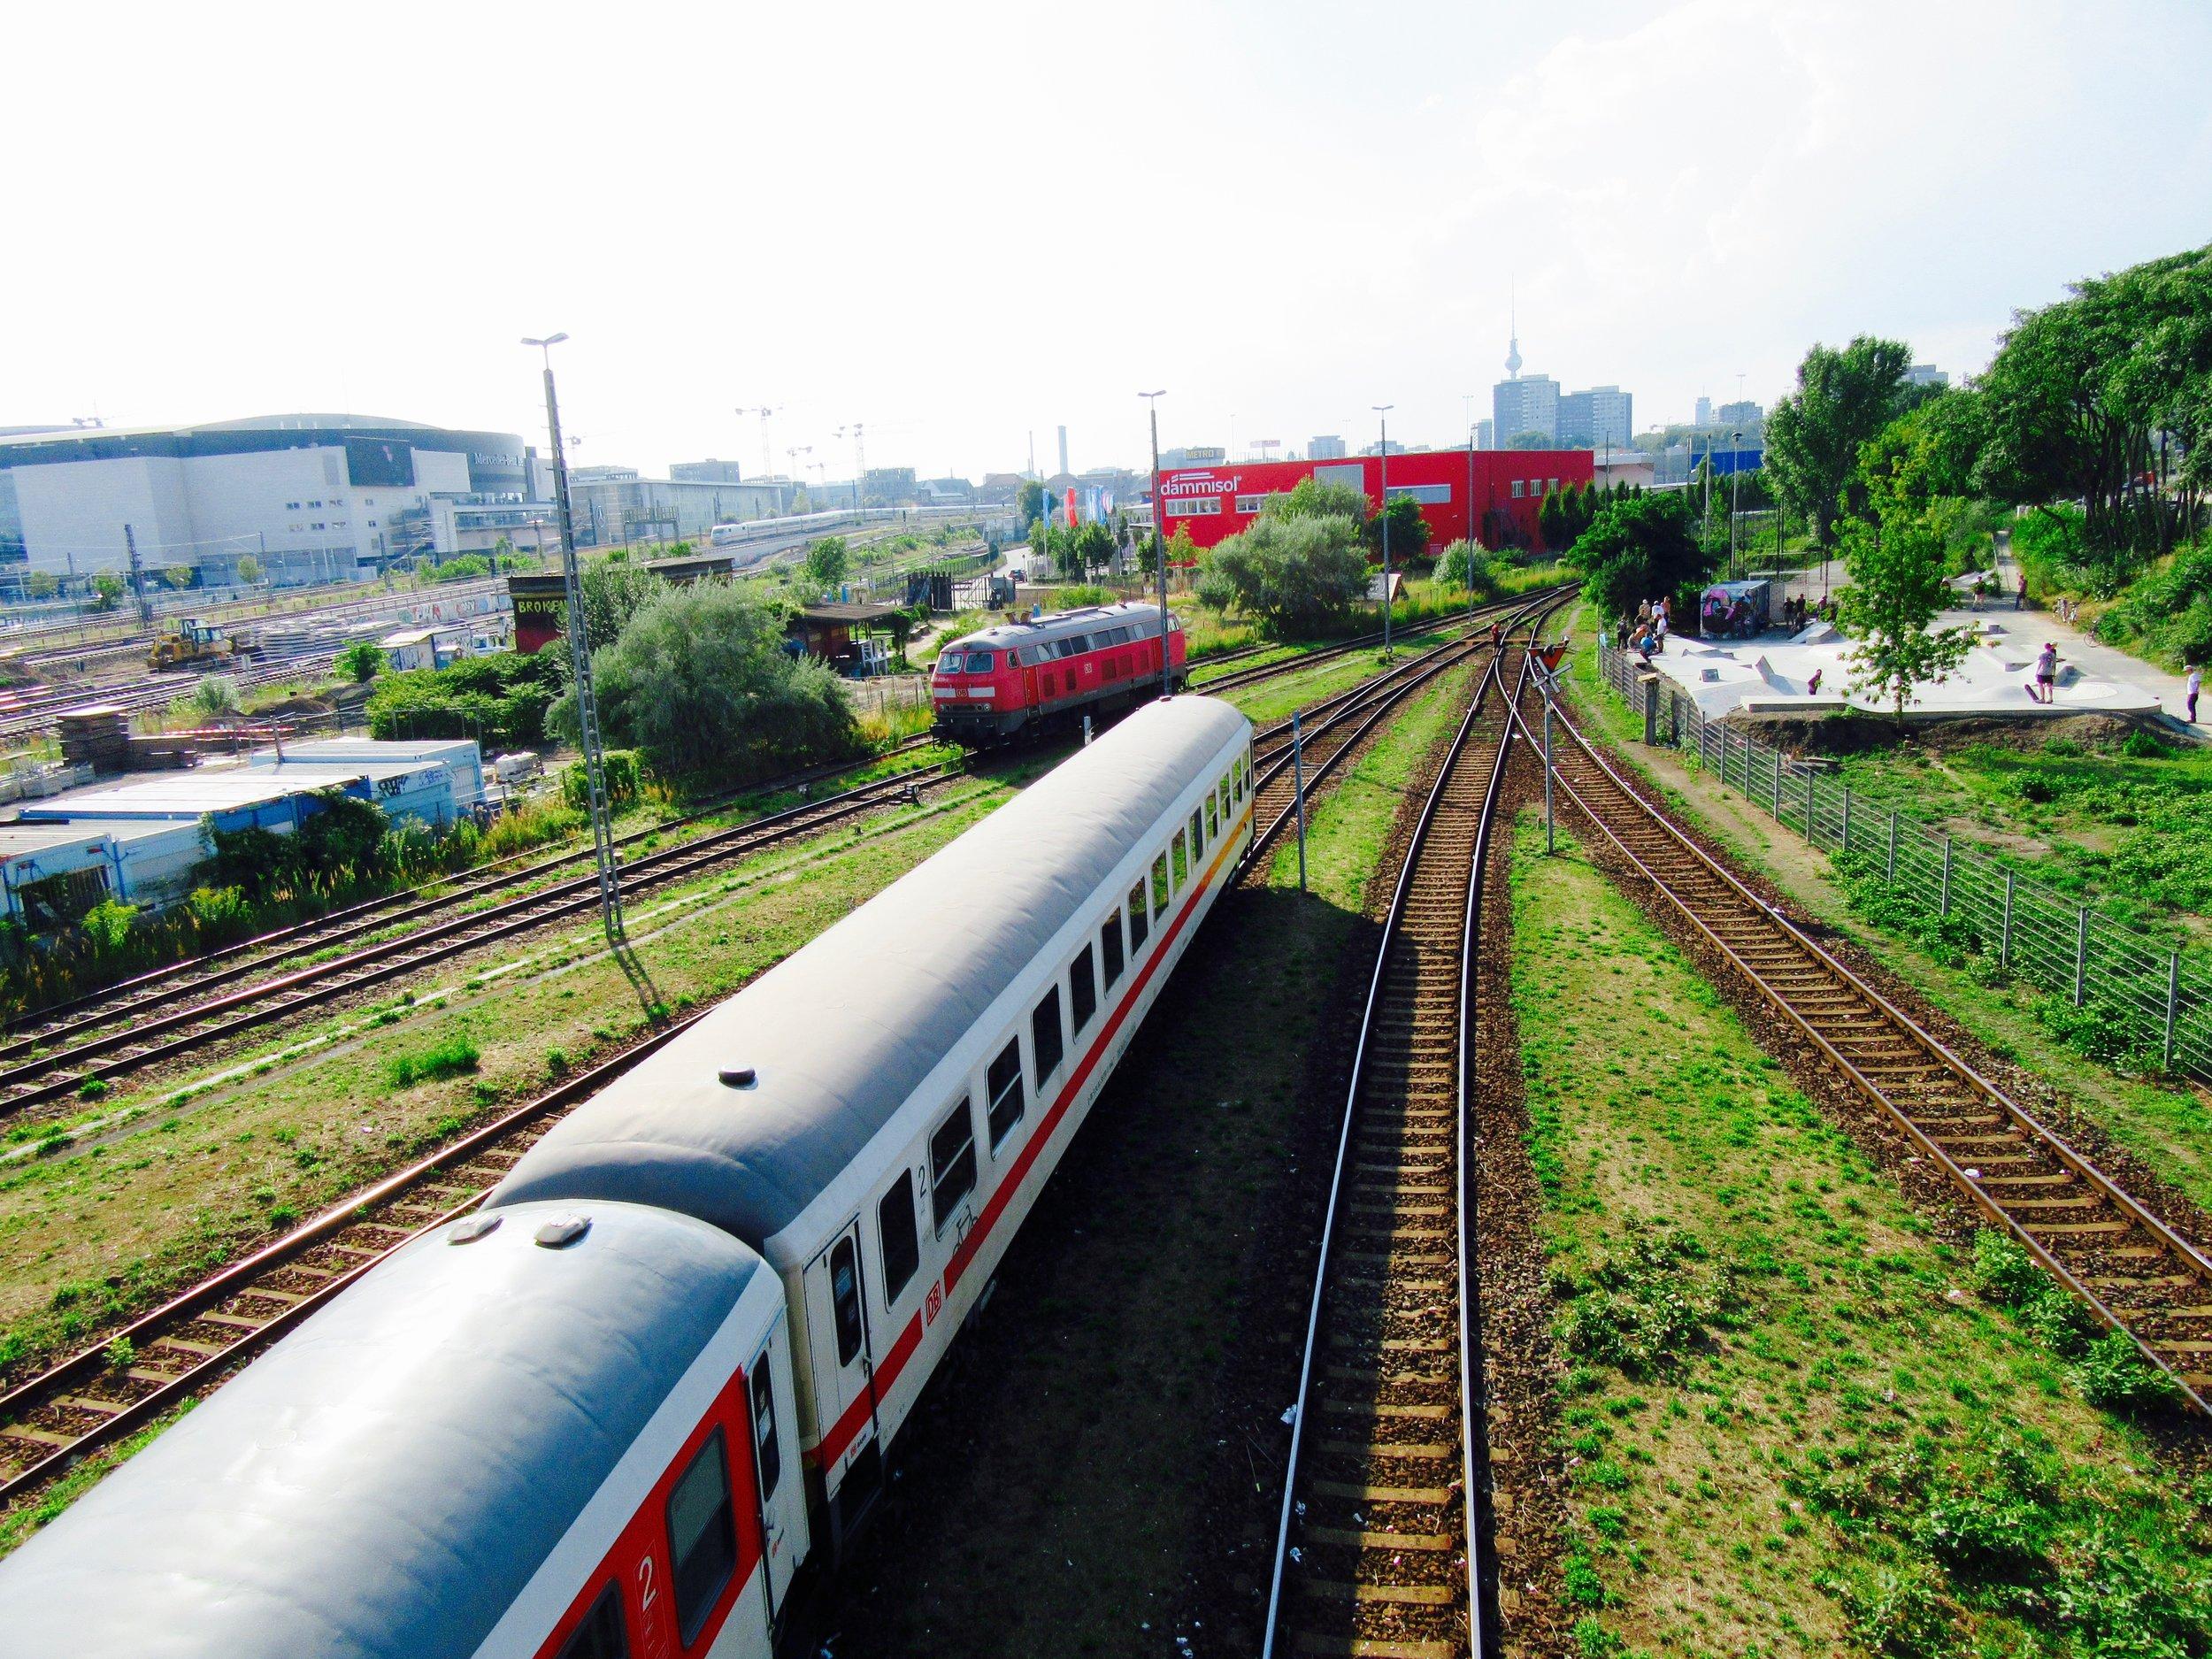 Trains in Berlin